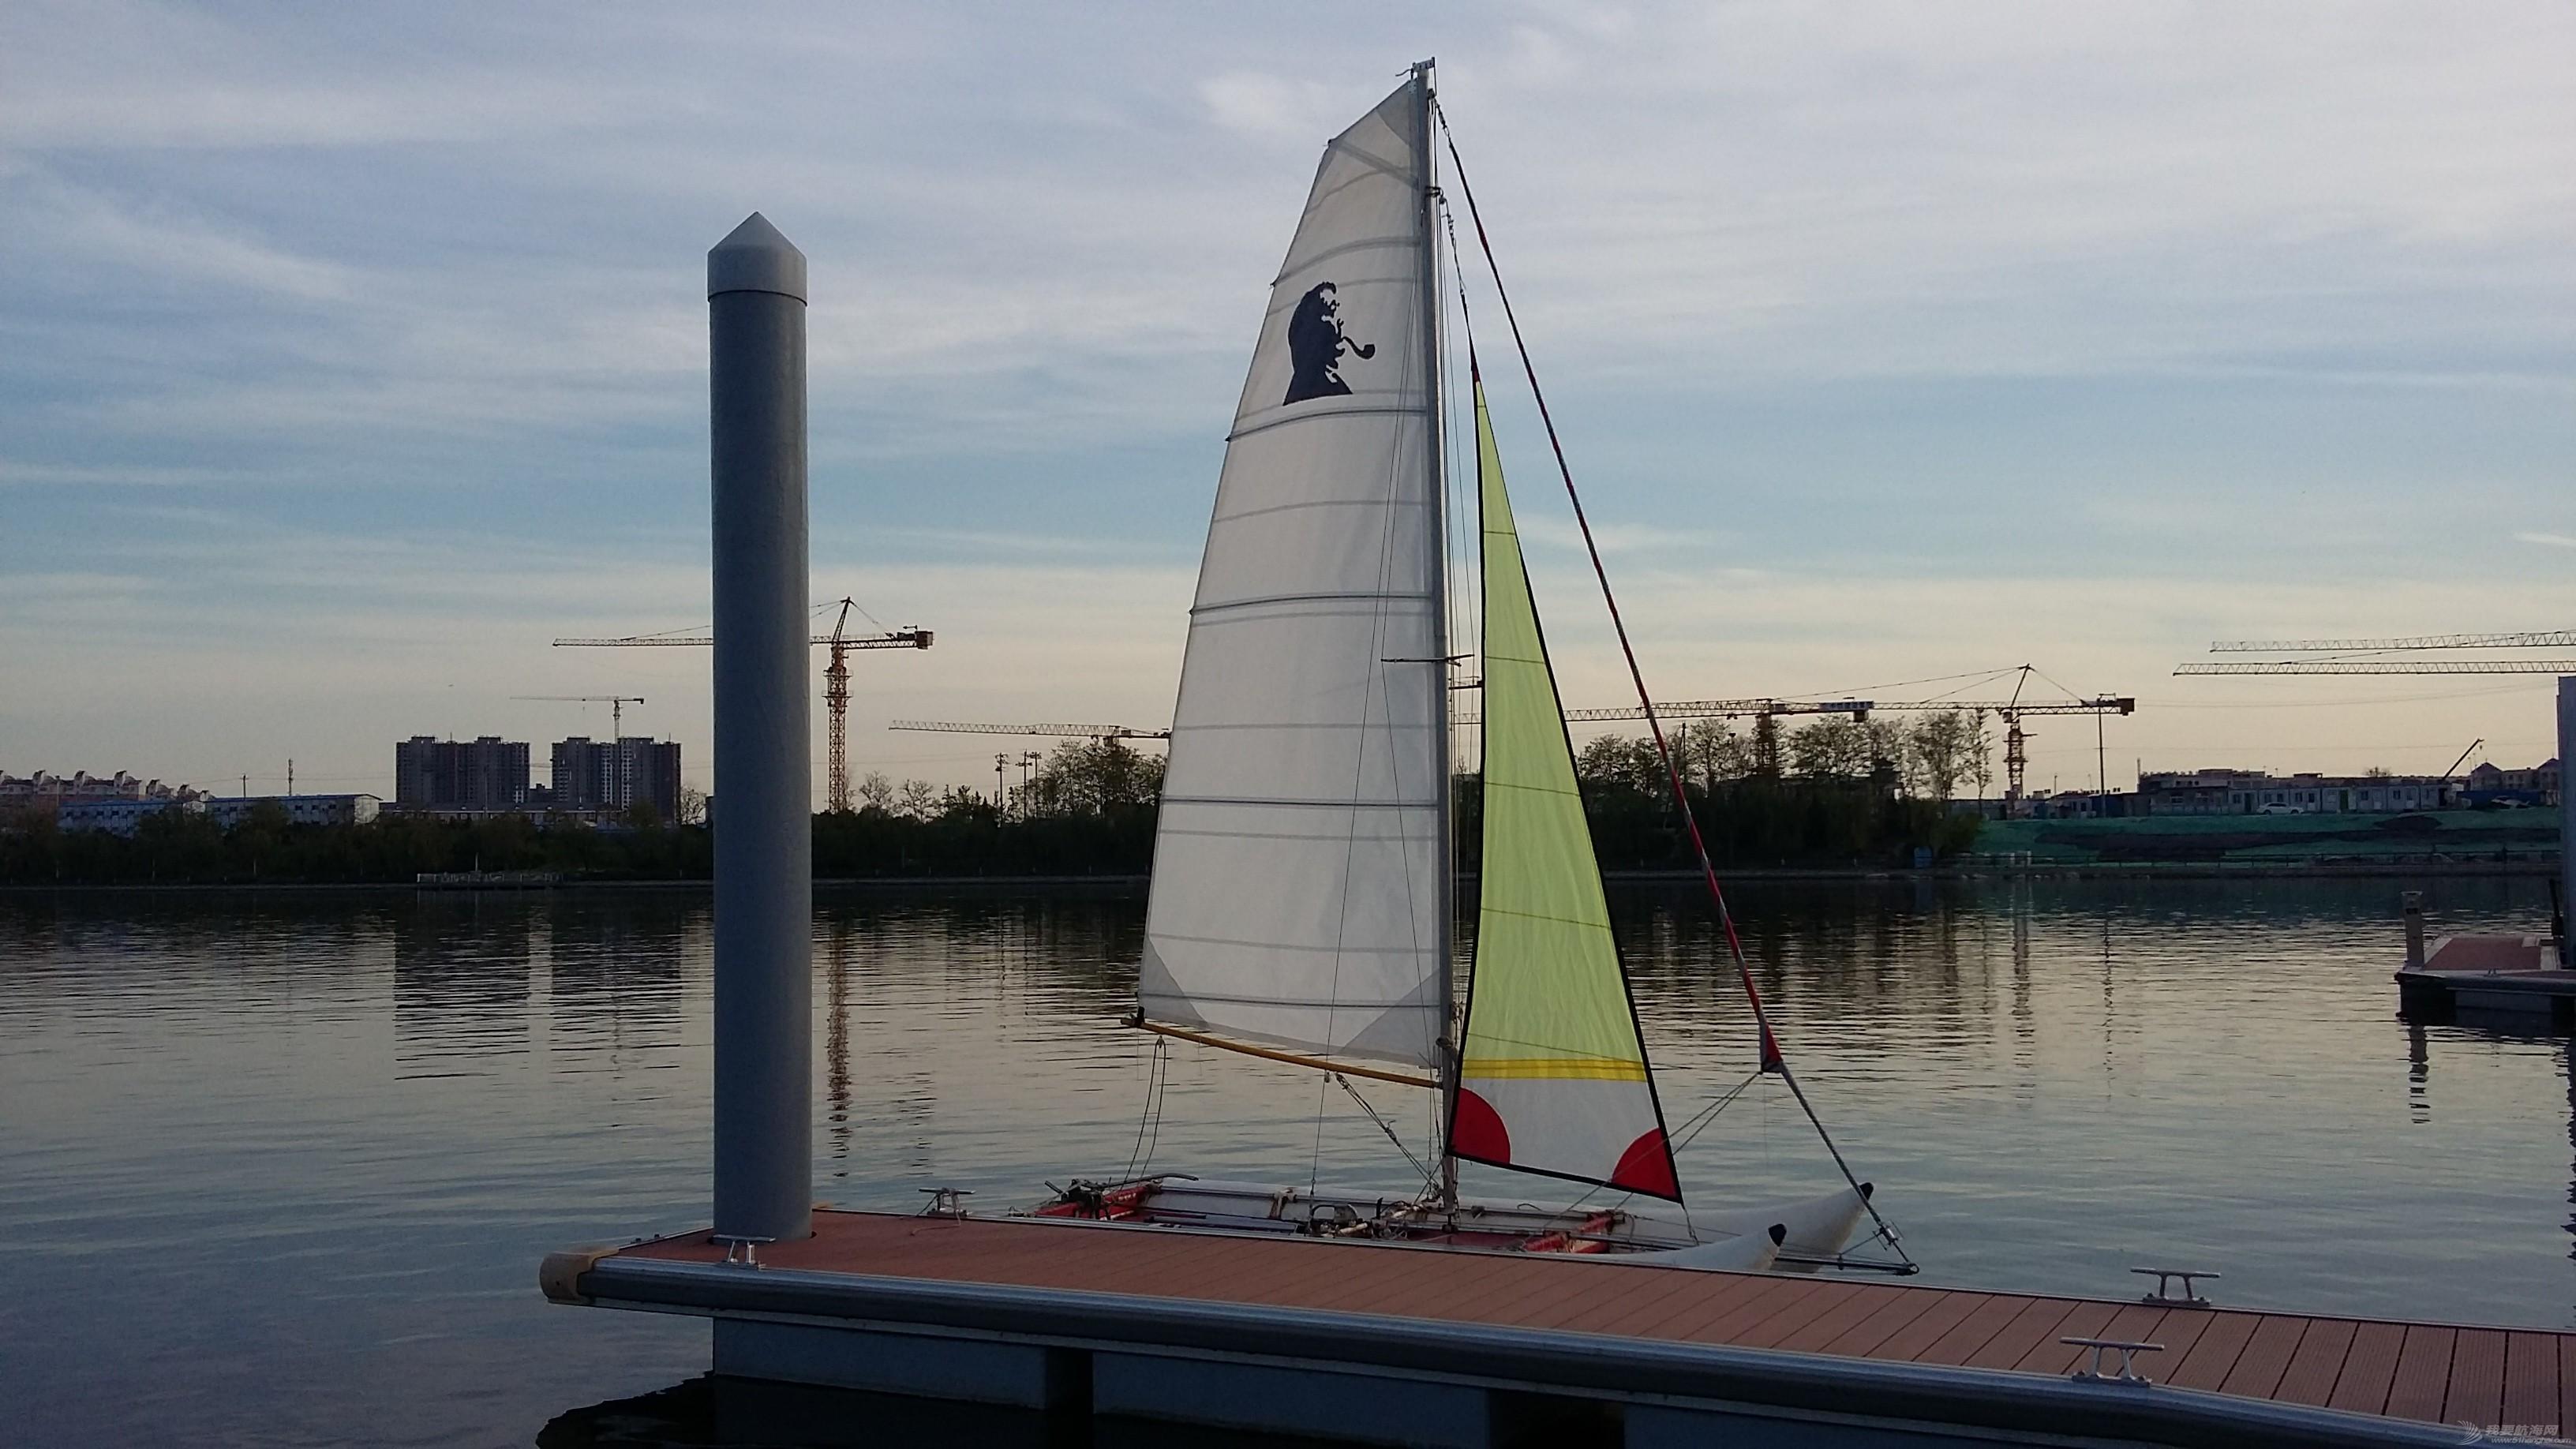 帆船,烟斗,充气帆船,双体帆船,DIY帆船 烟斗双体充气帆船历年的改进 20160418_174549.jpg